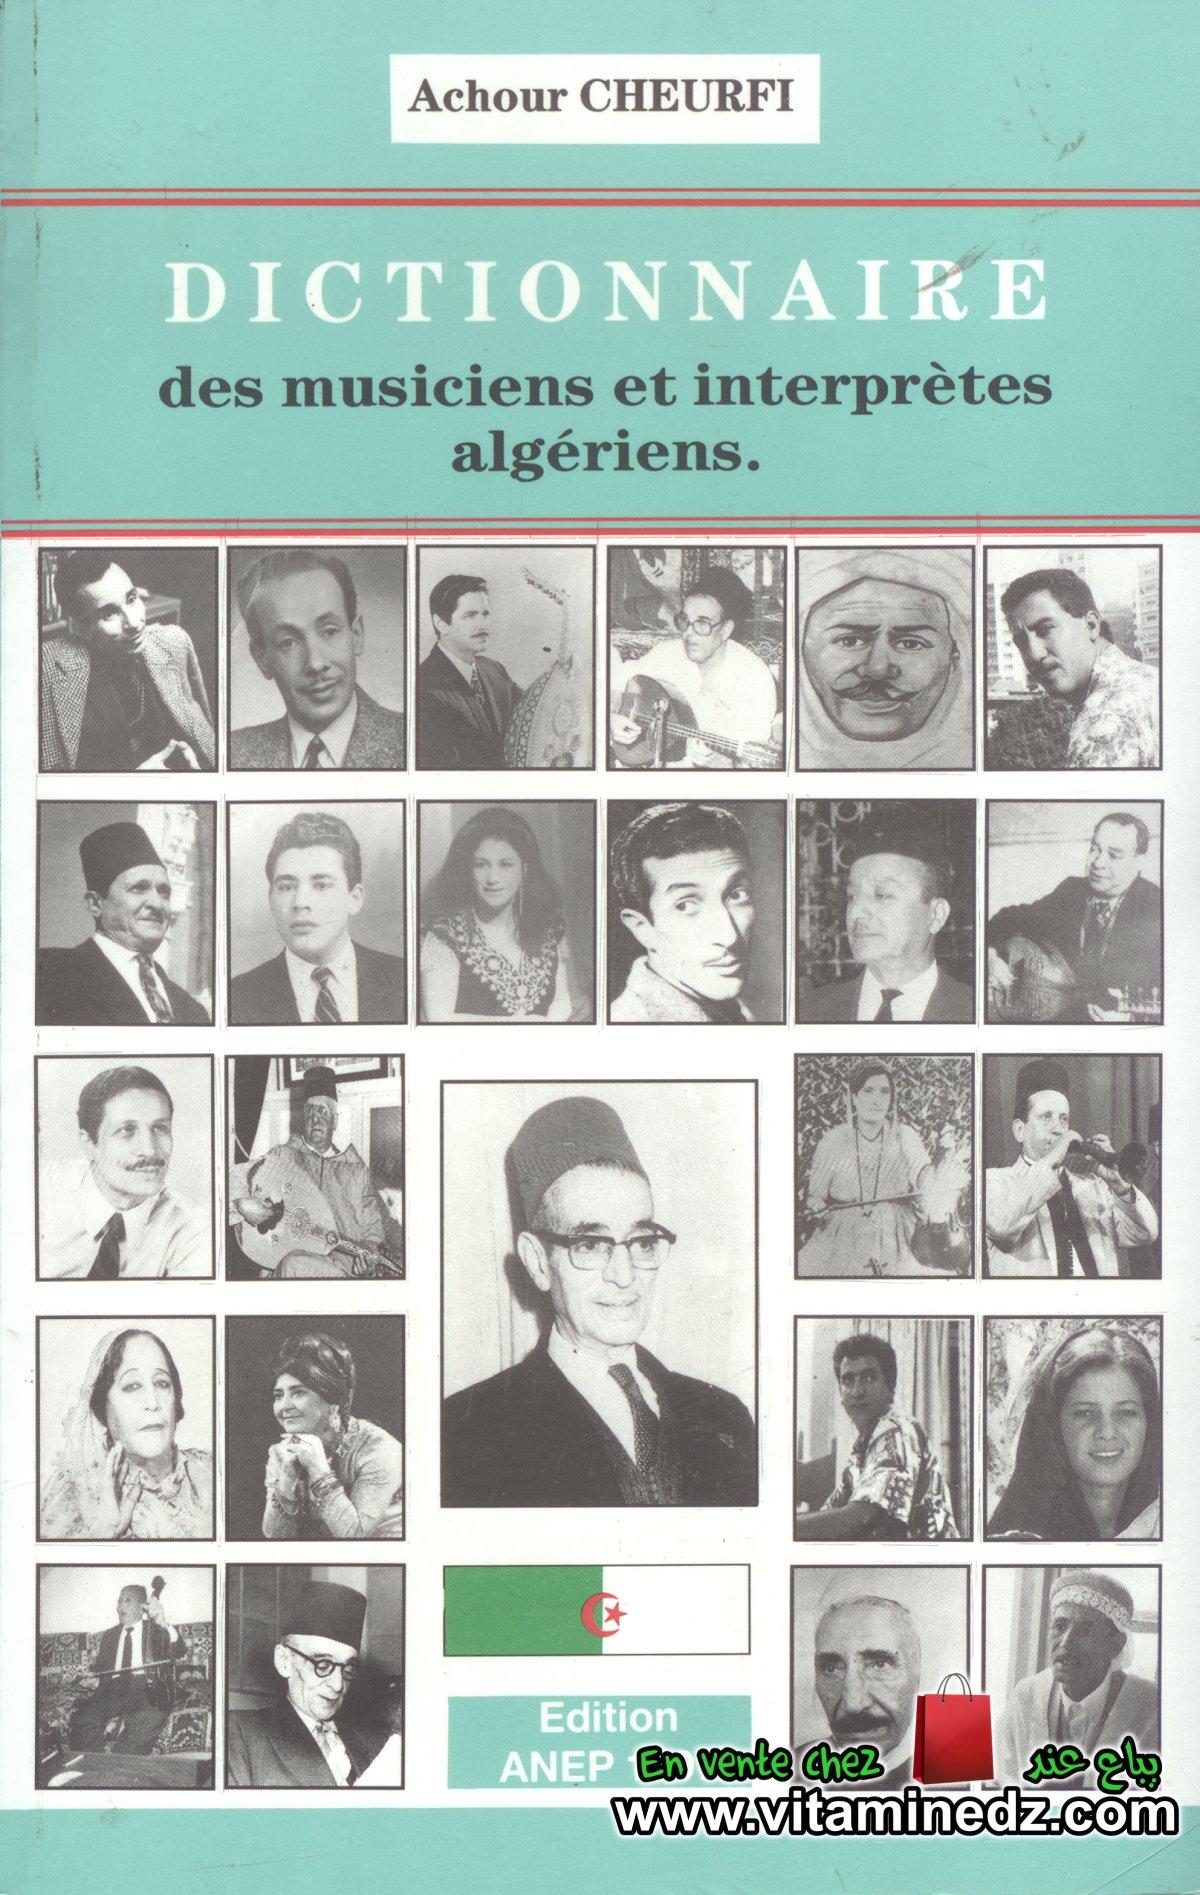 Dictionnaire des Musiciens et Interprètes Algériens - Achour Cheurfi